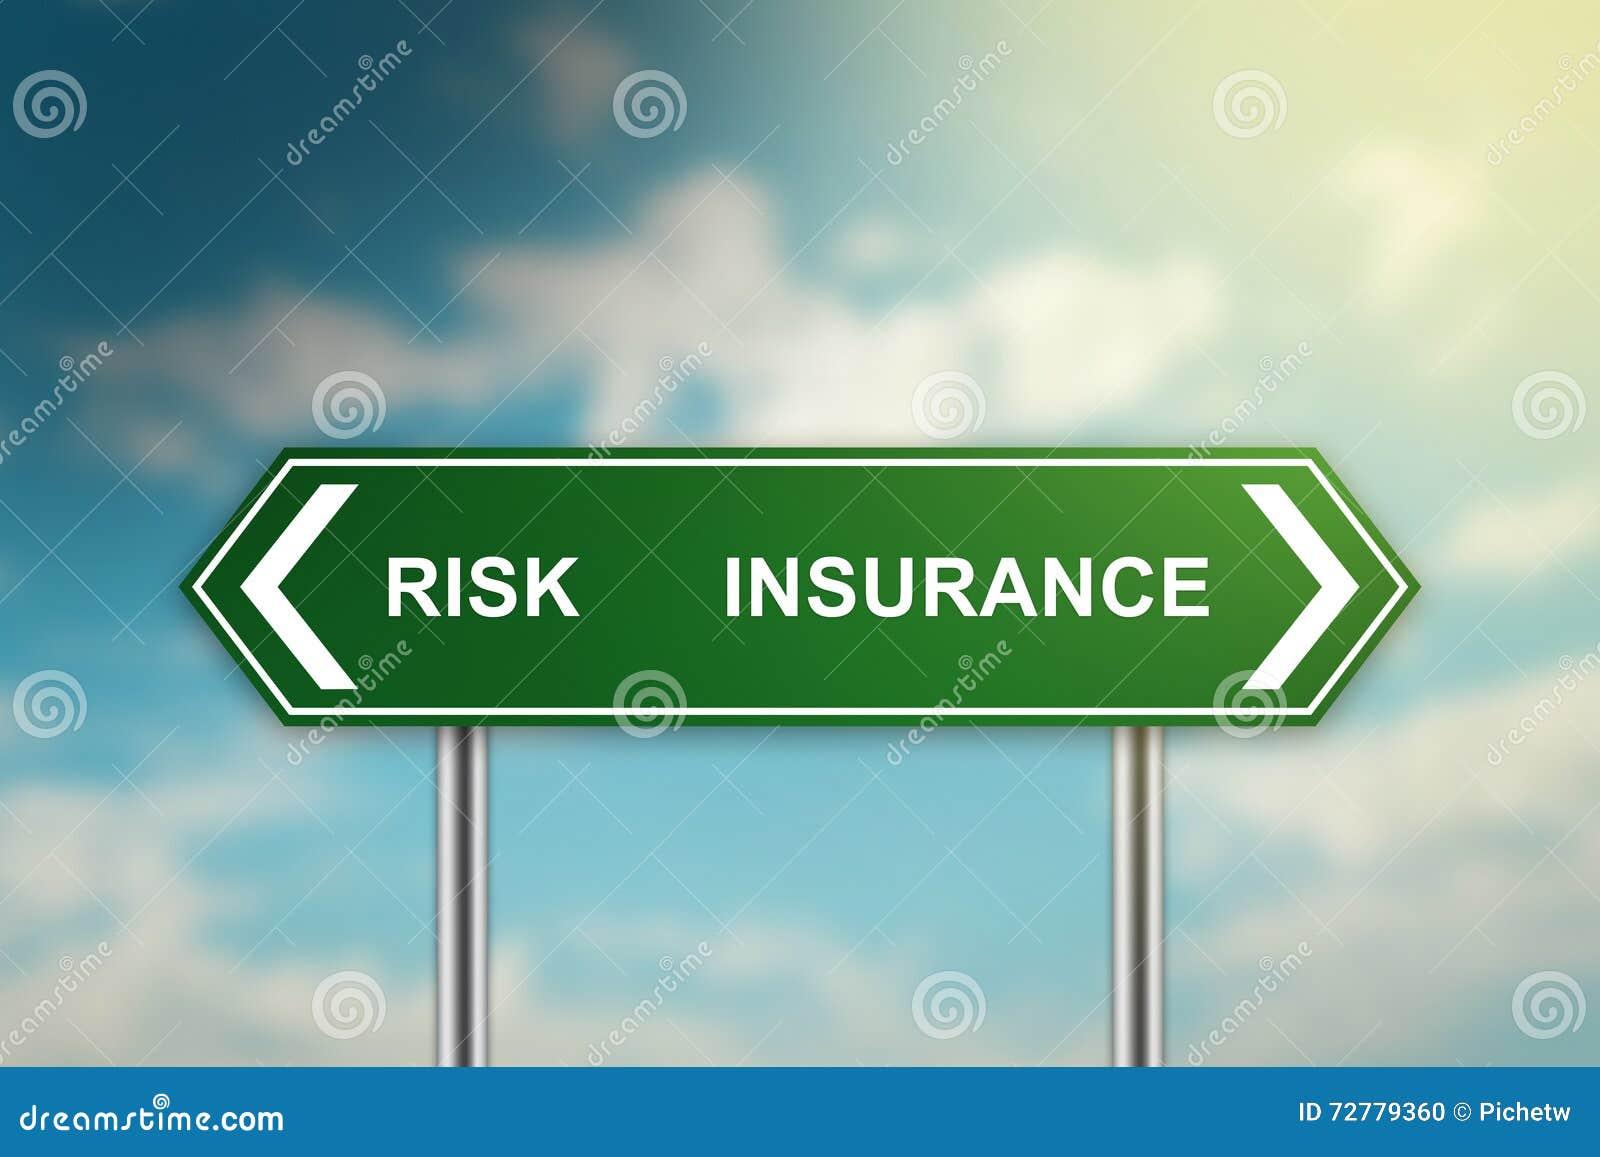 Risiko Und Versicherung Auf Grunem Verkehrsschild Stock Abbildung